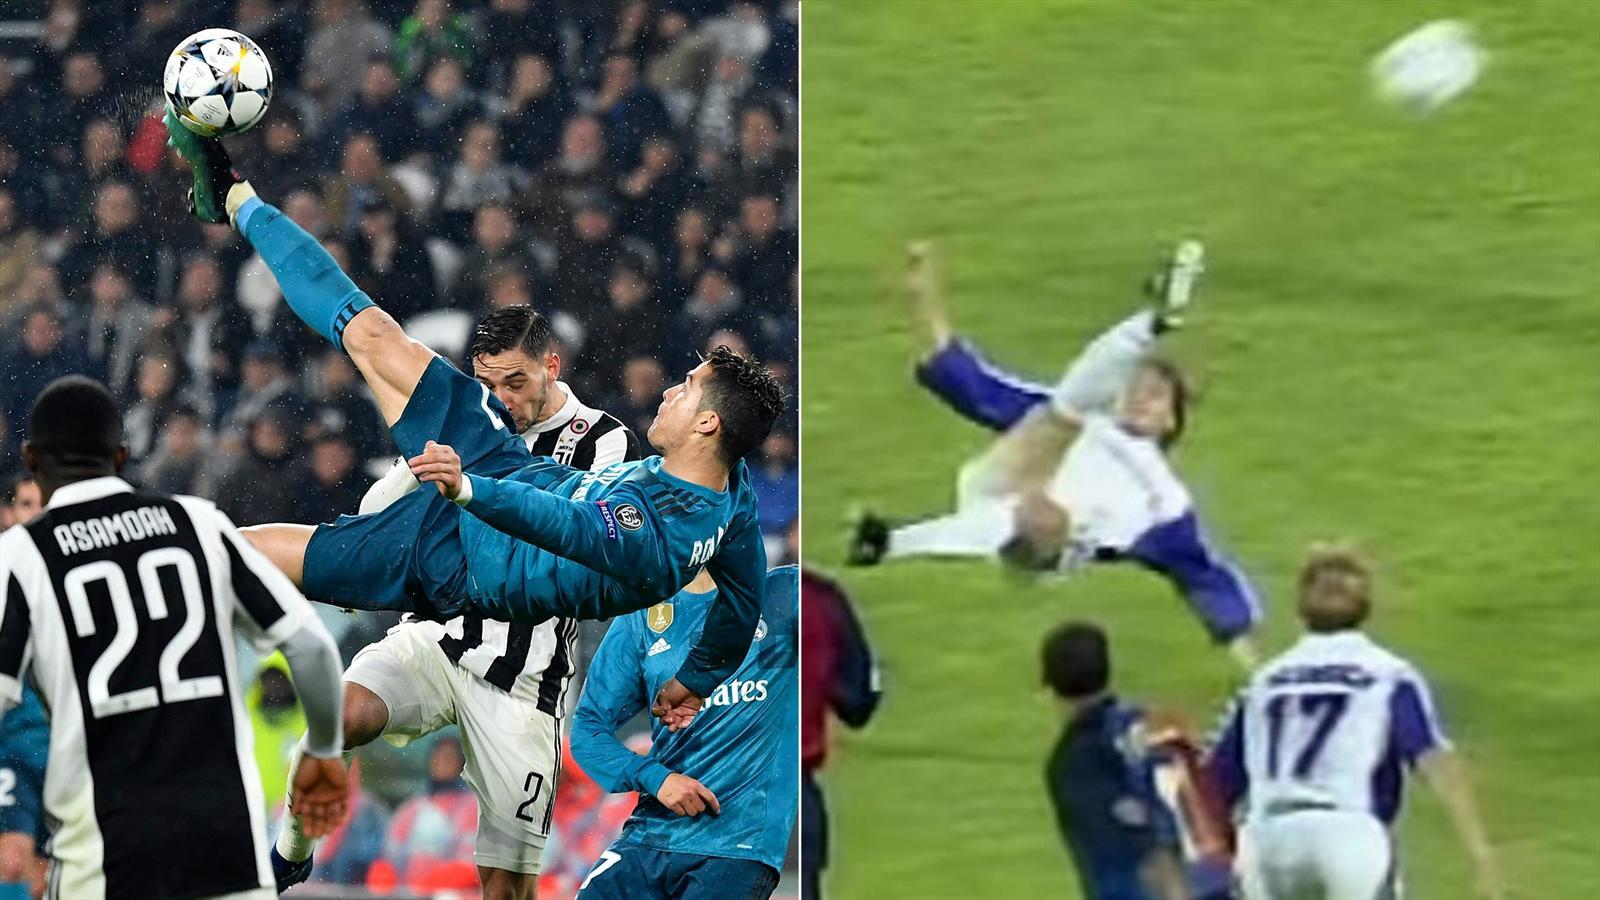 Facciamo i conti  Cristiano Ronaldo ba026a6979f5f